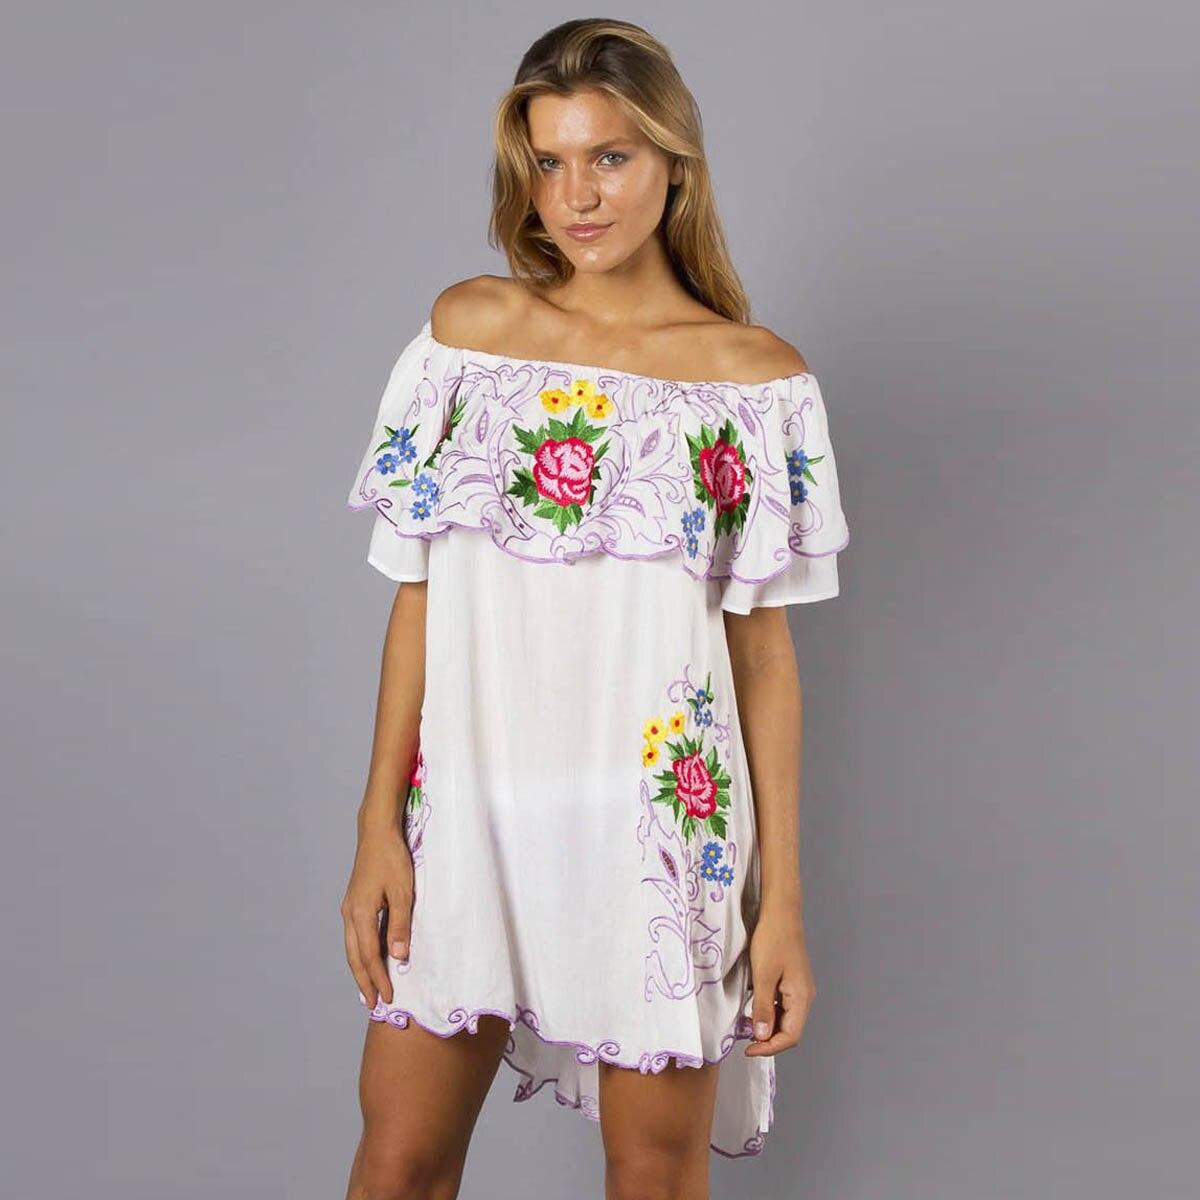 Jastie Ruffle off-épaule Mini Robe Floral robe avec broderies Boho Chic décontracté robe courte Femmes D'été Robes Femme Robe